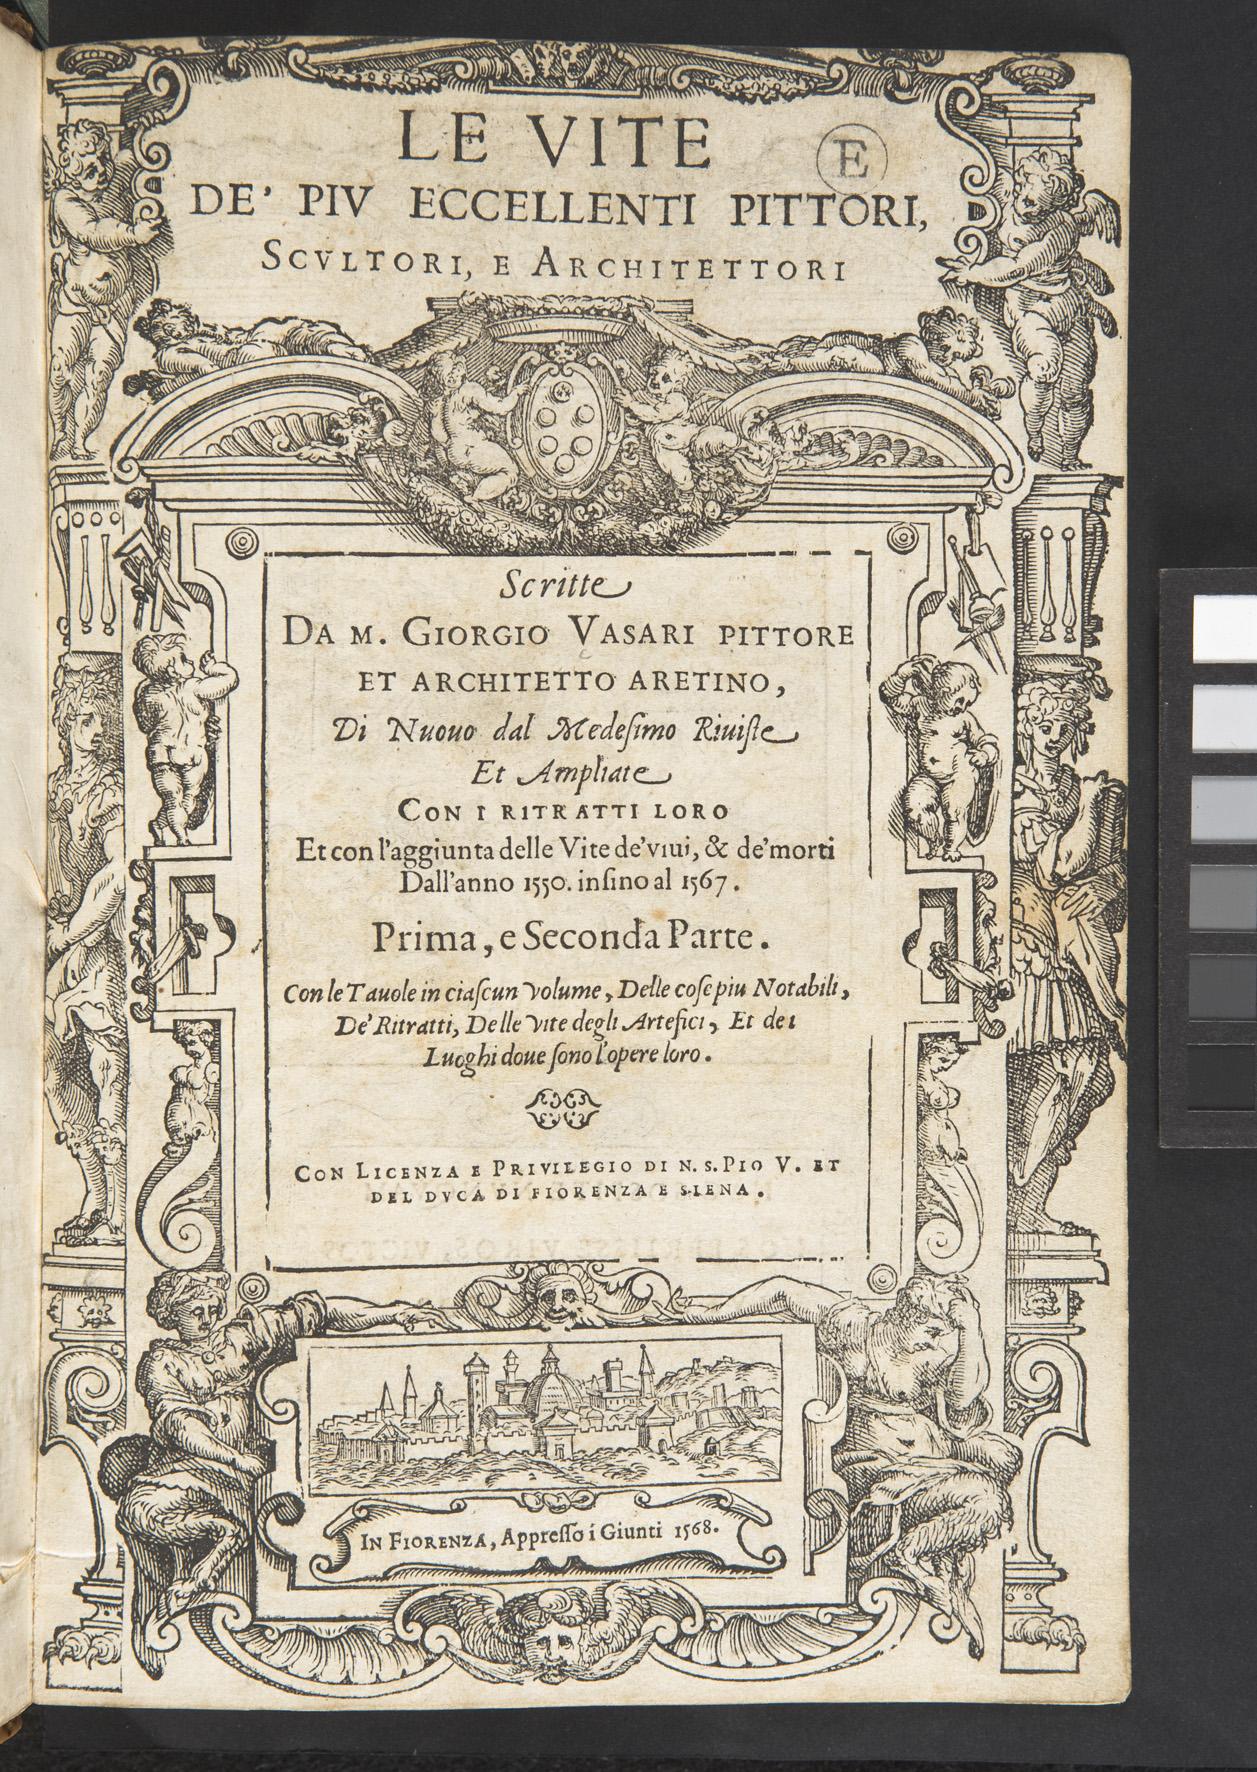 Giorgio Vasari, Le Vite de' più eccellenti pittori, scultori, e architettori (2nd edition, Florence, 1568)